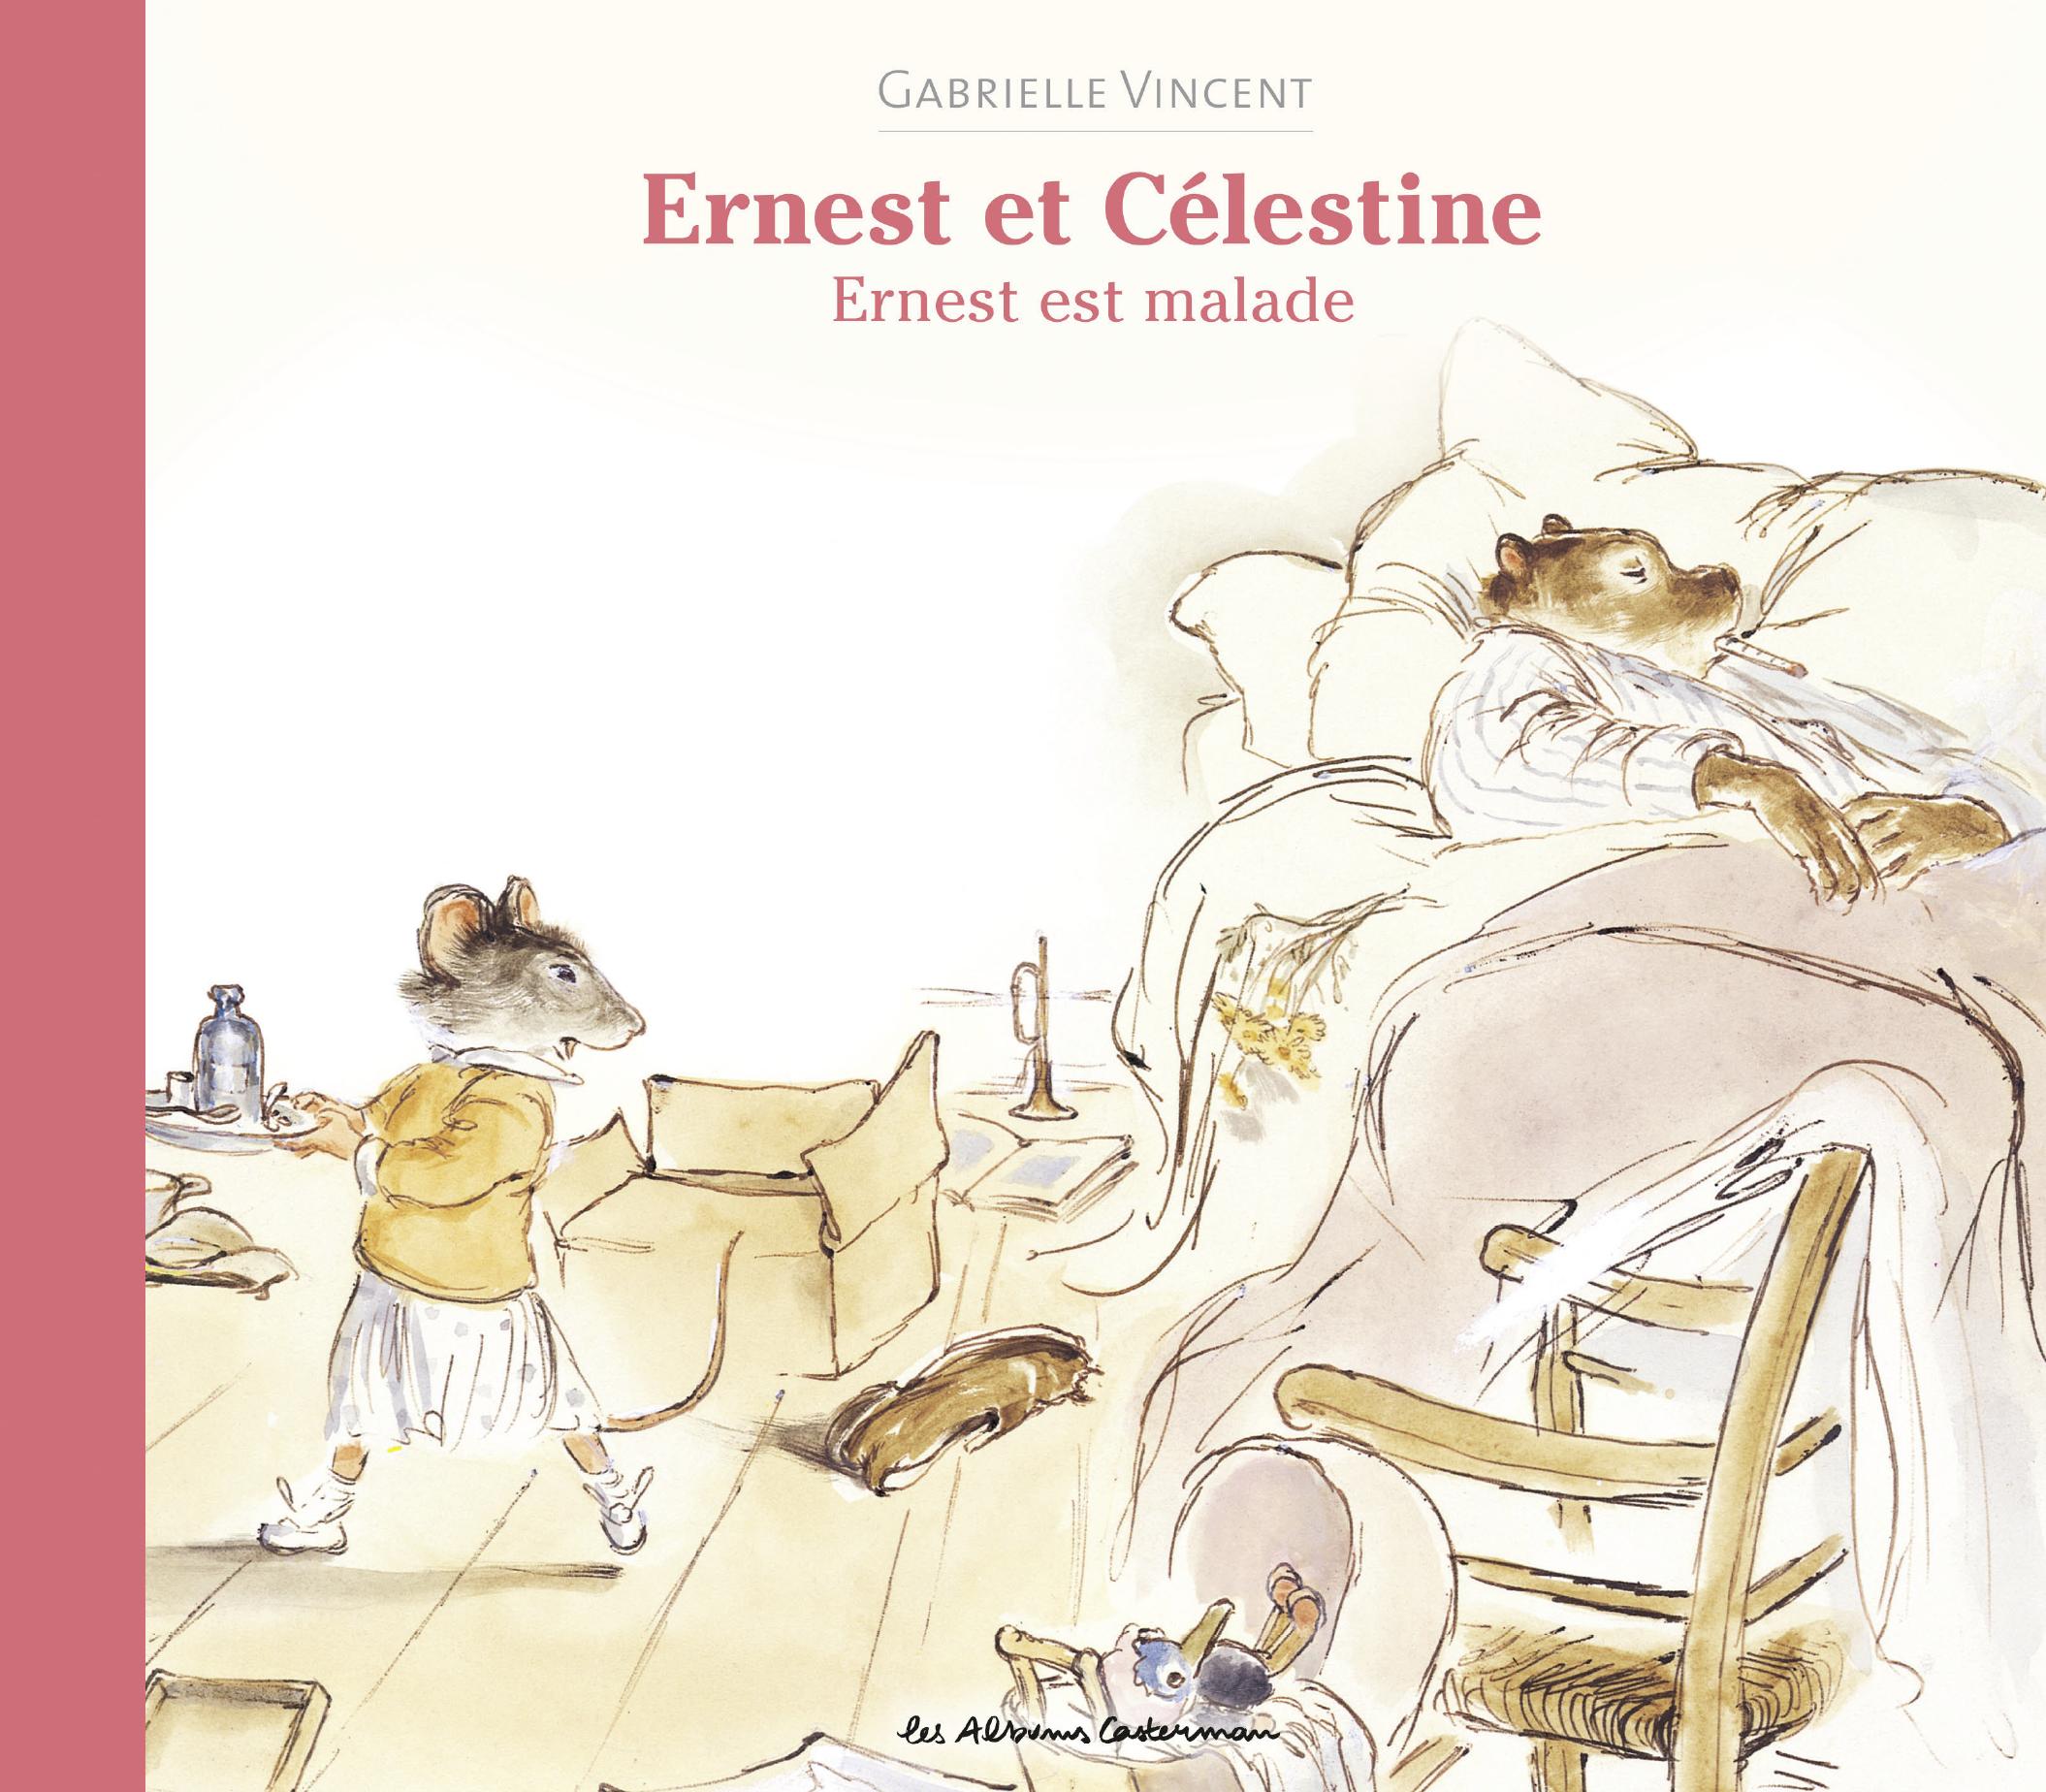 Les albums d'Ernest et Célestine - Ernest est malade | Vincent, Gabrielle